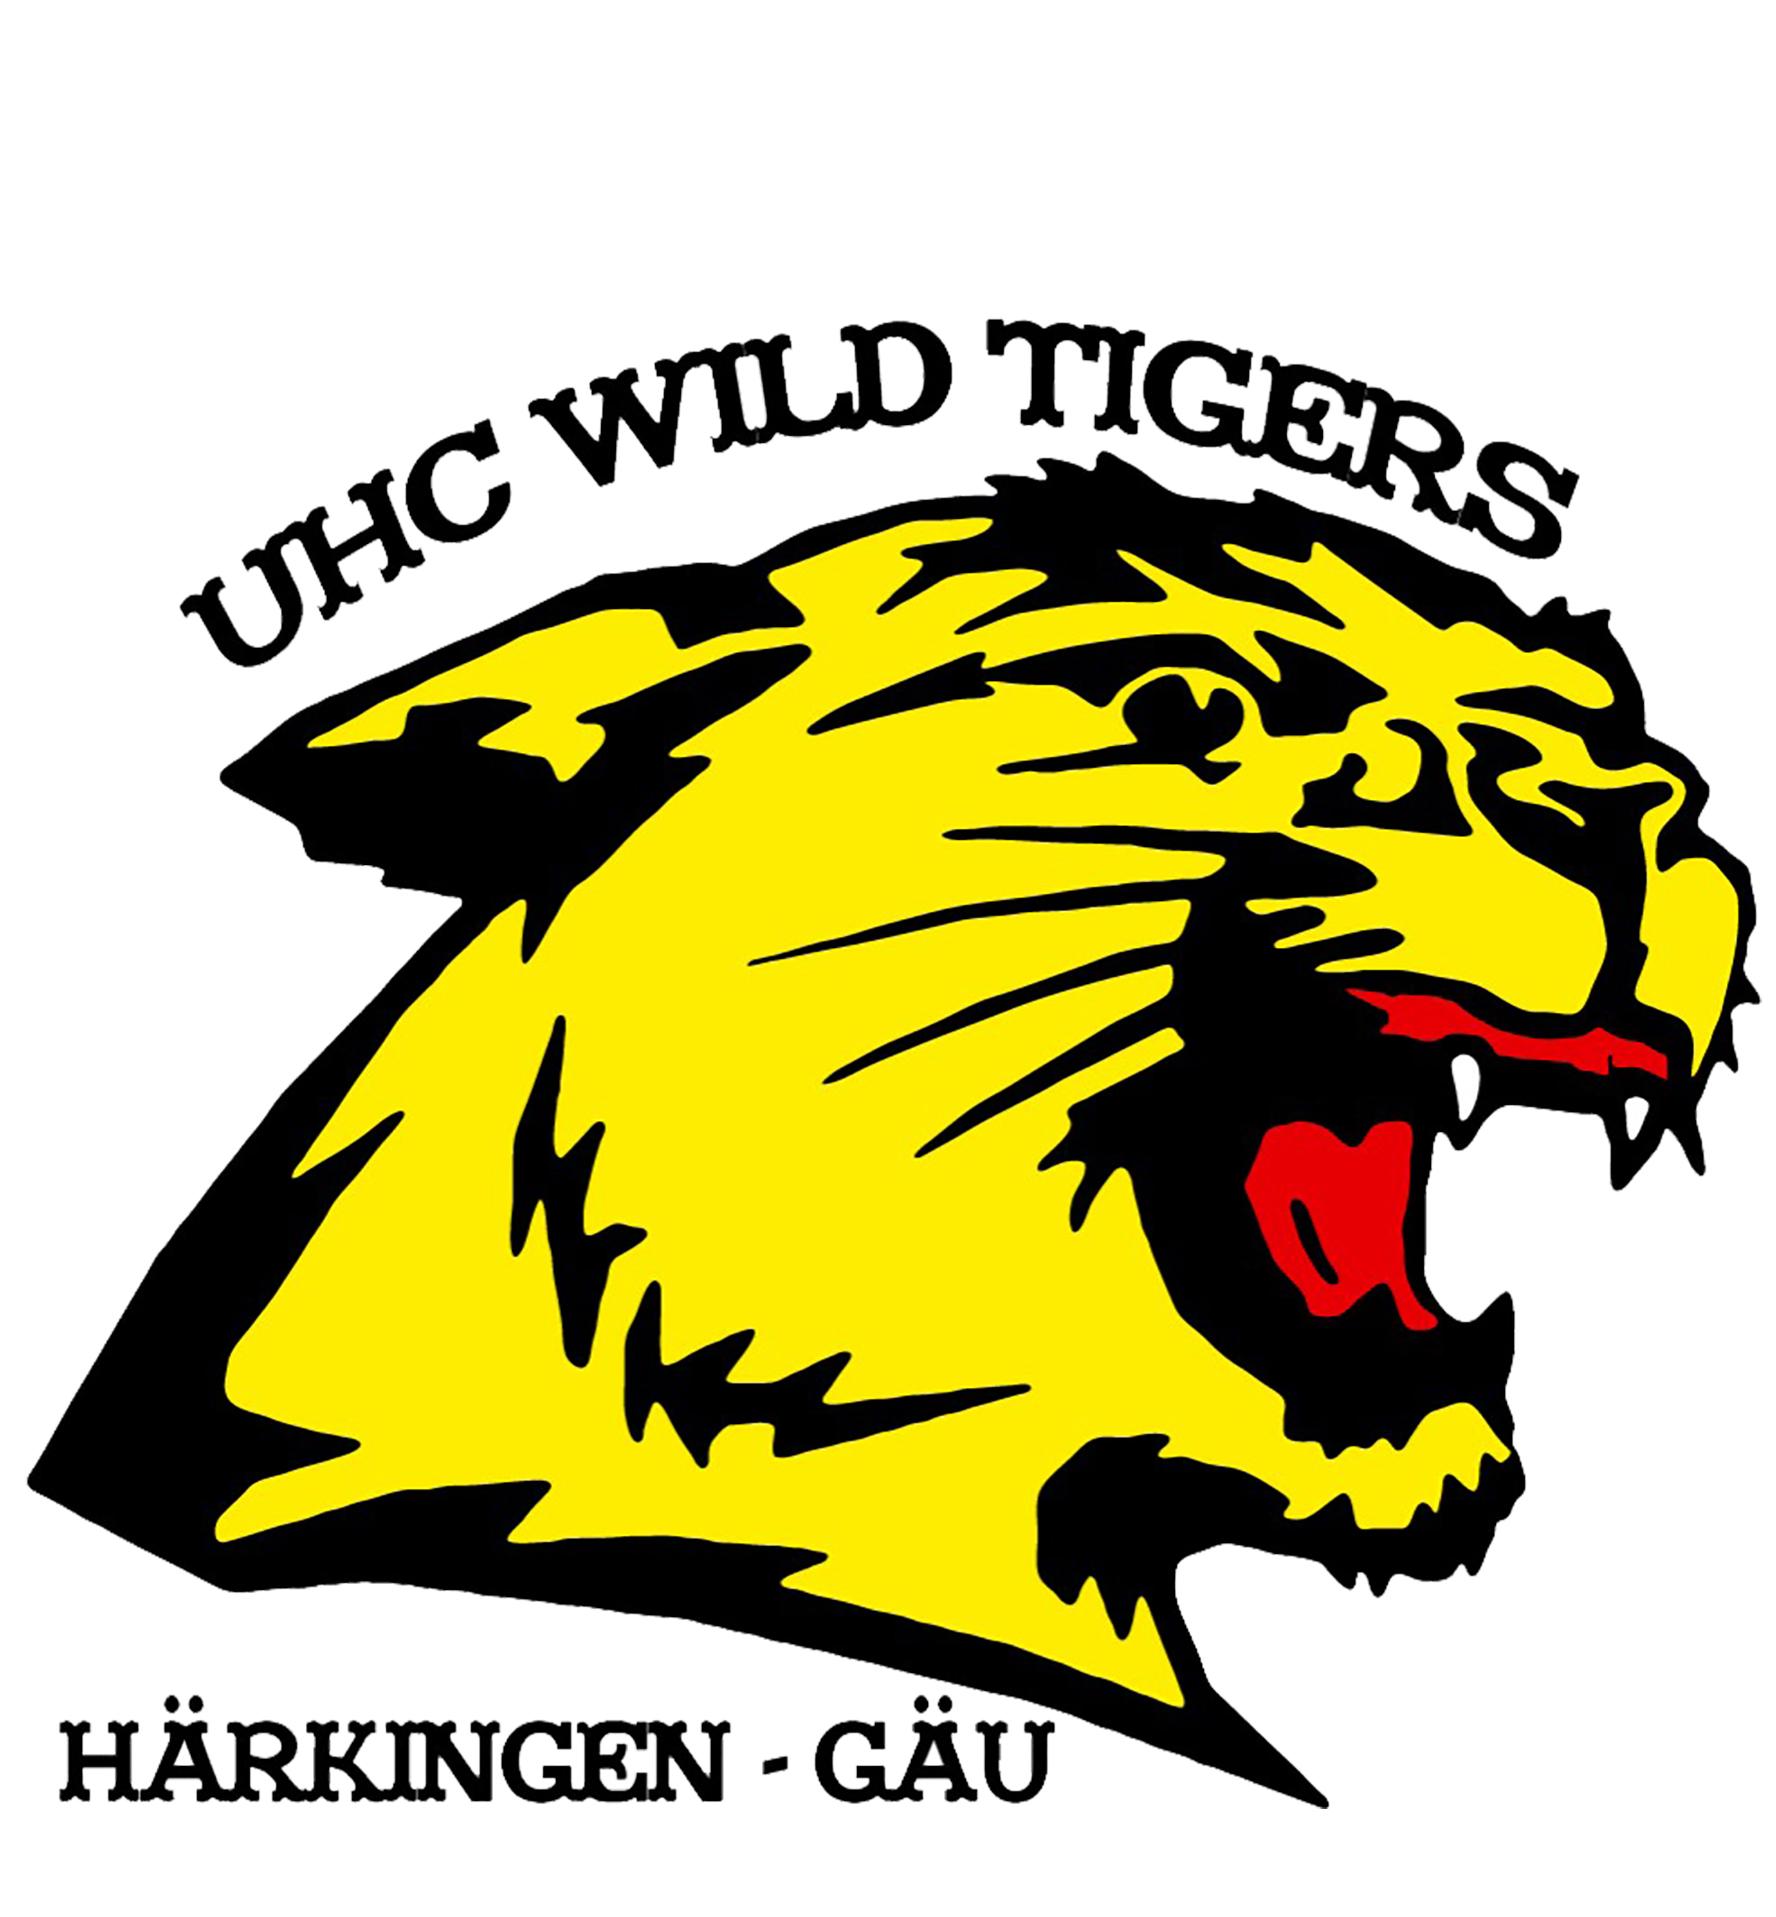 UHC Wild Tigers Härkingen-Gäu